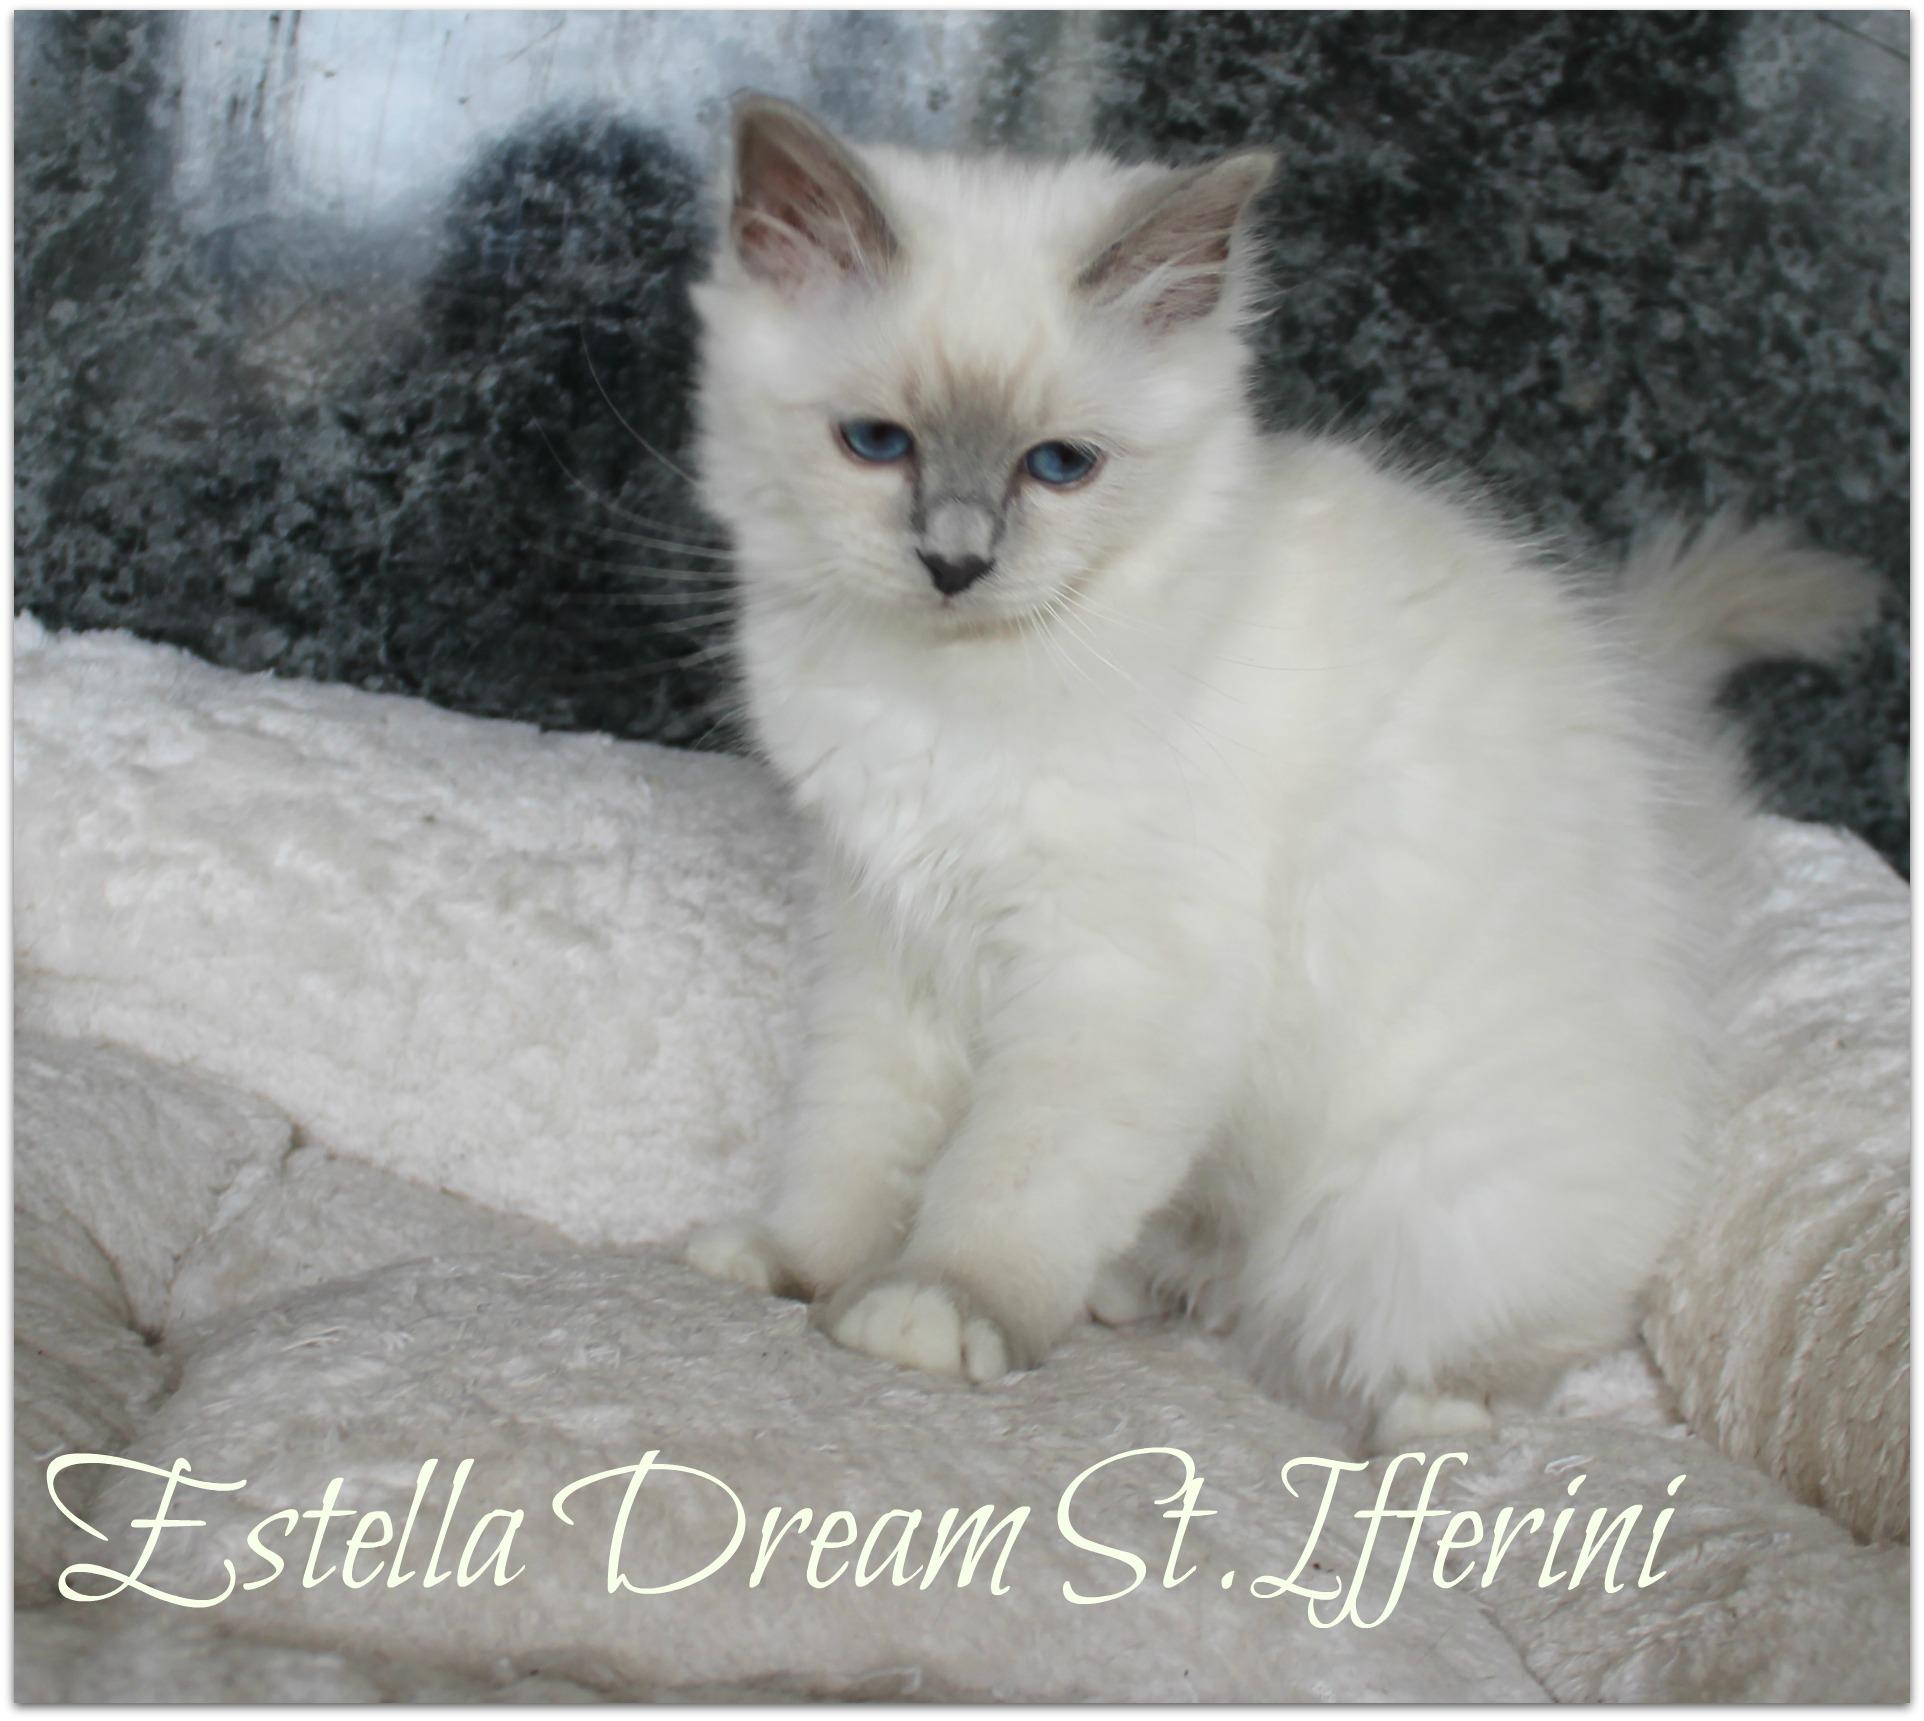 estella2_1